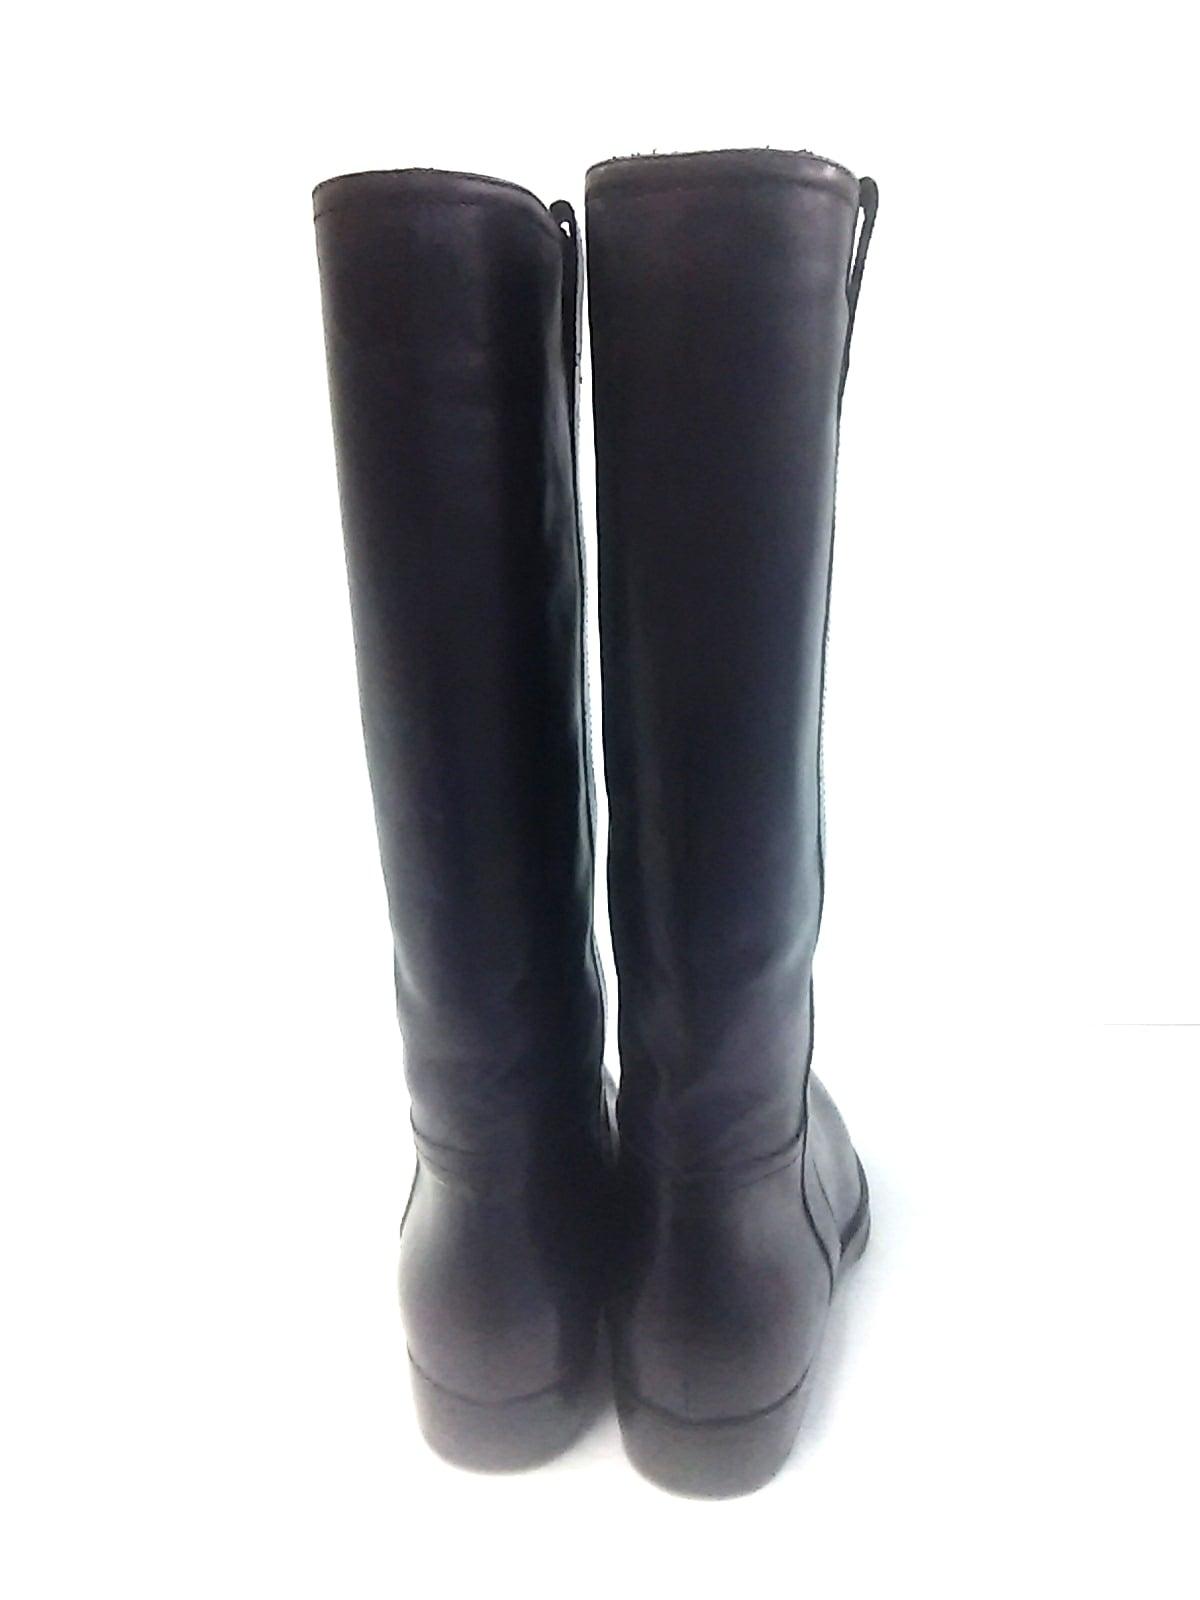 LENA MILOS(レナミロス)のブーツ